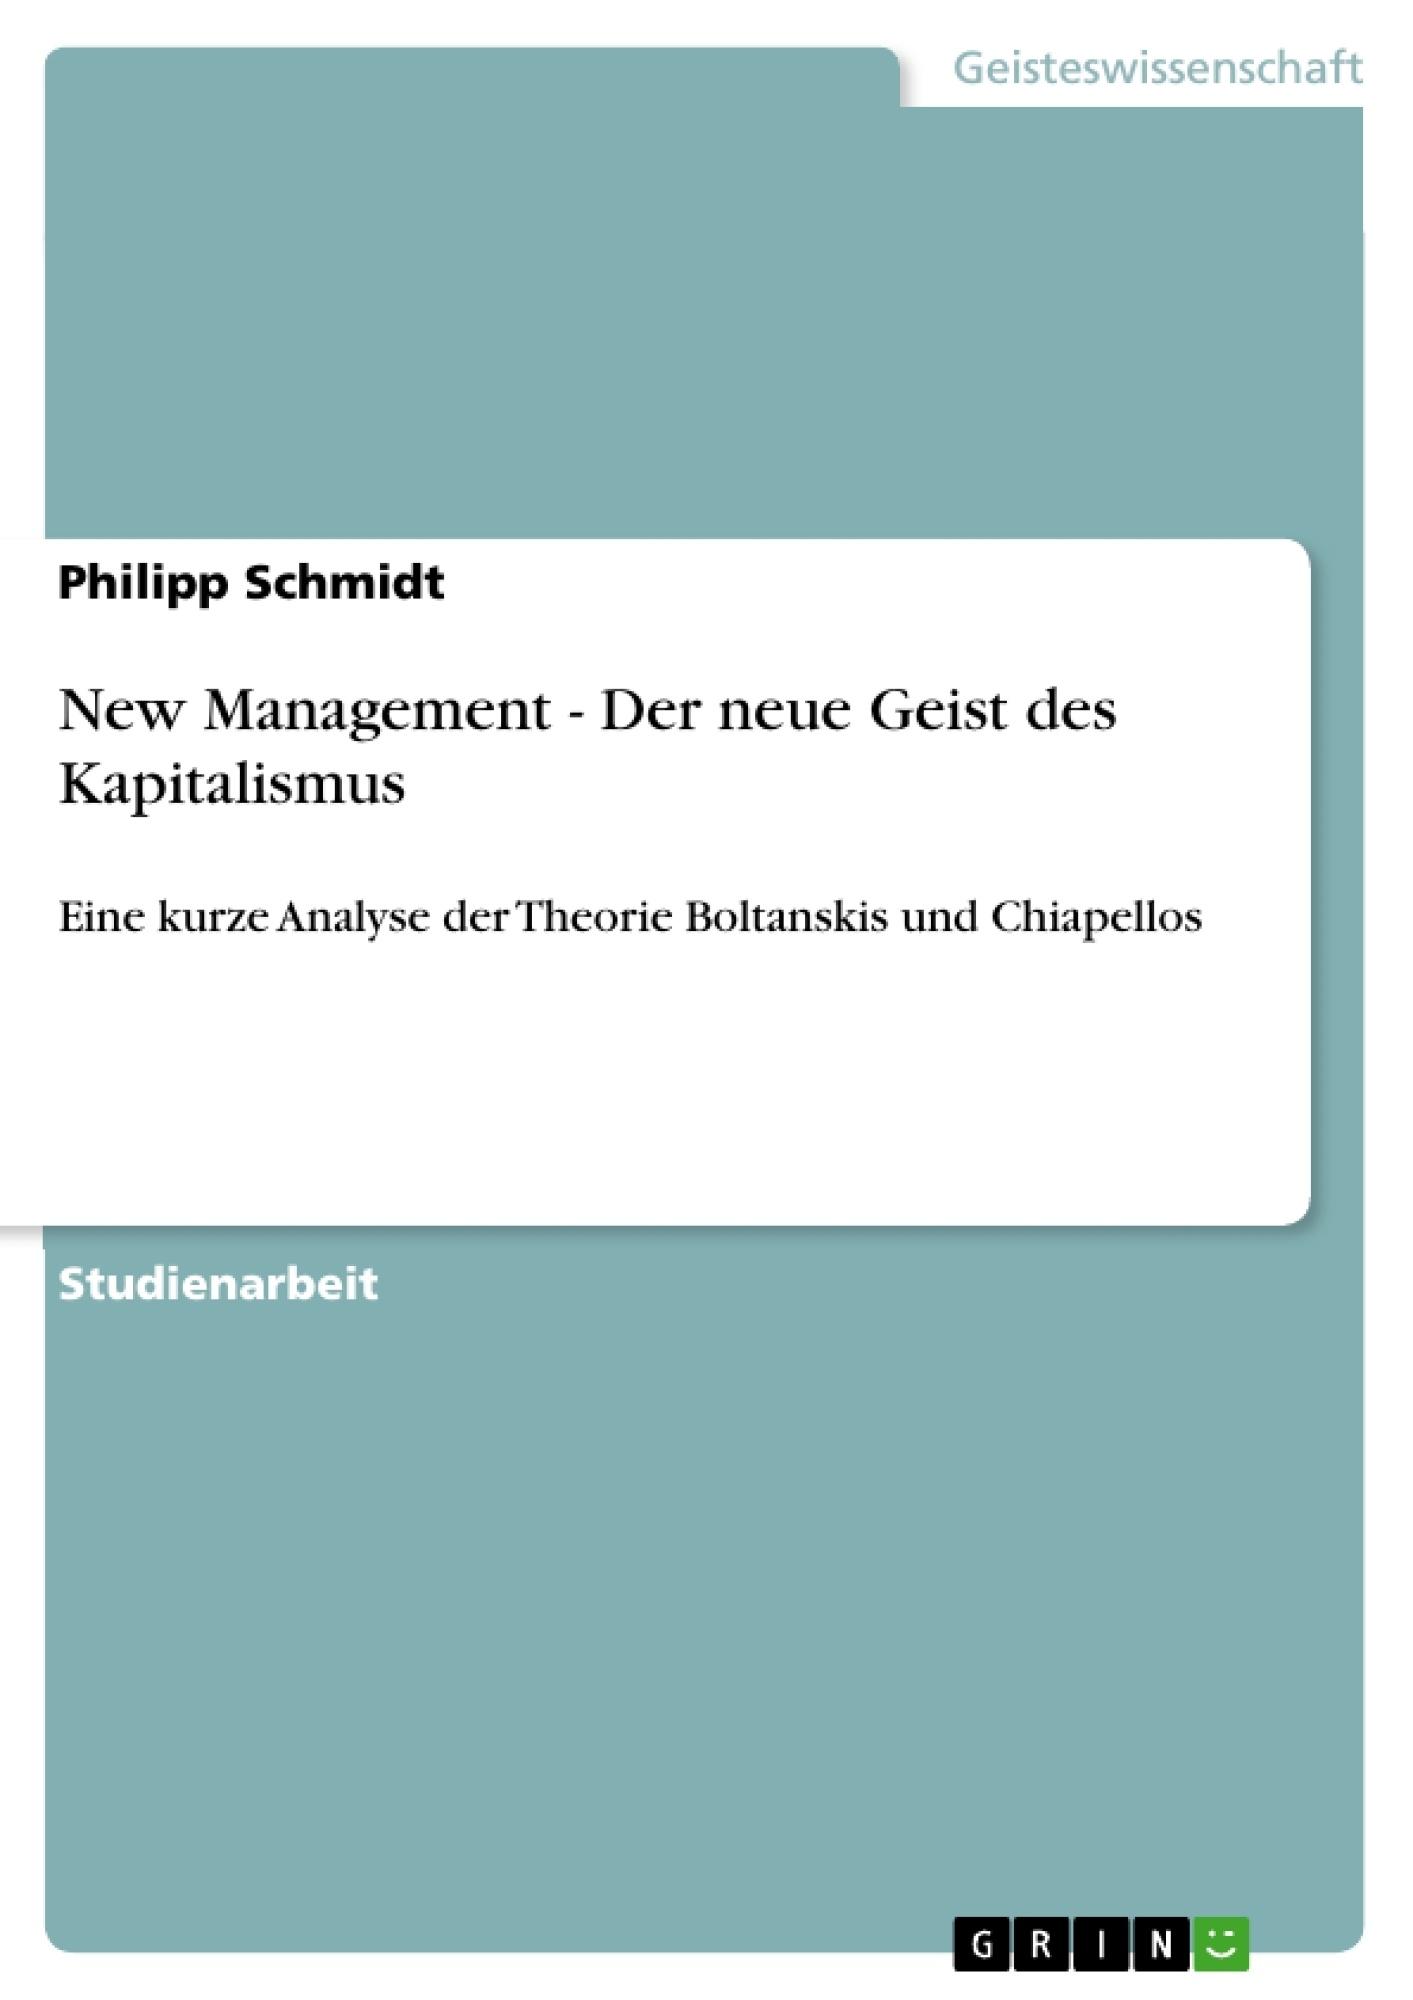 Titel: New Management - Der neue Geist des Kapitalismus